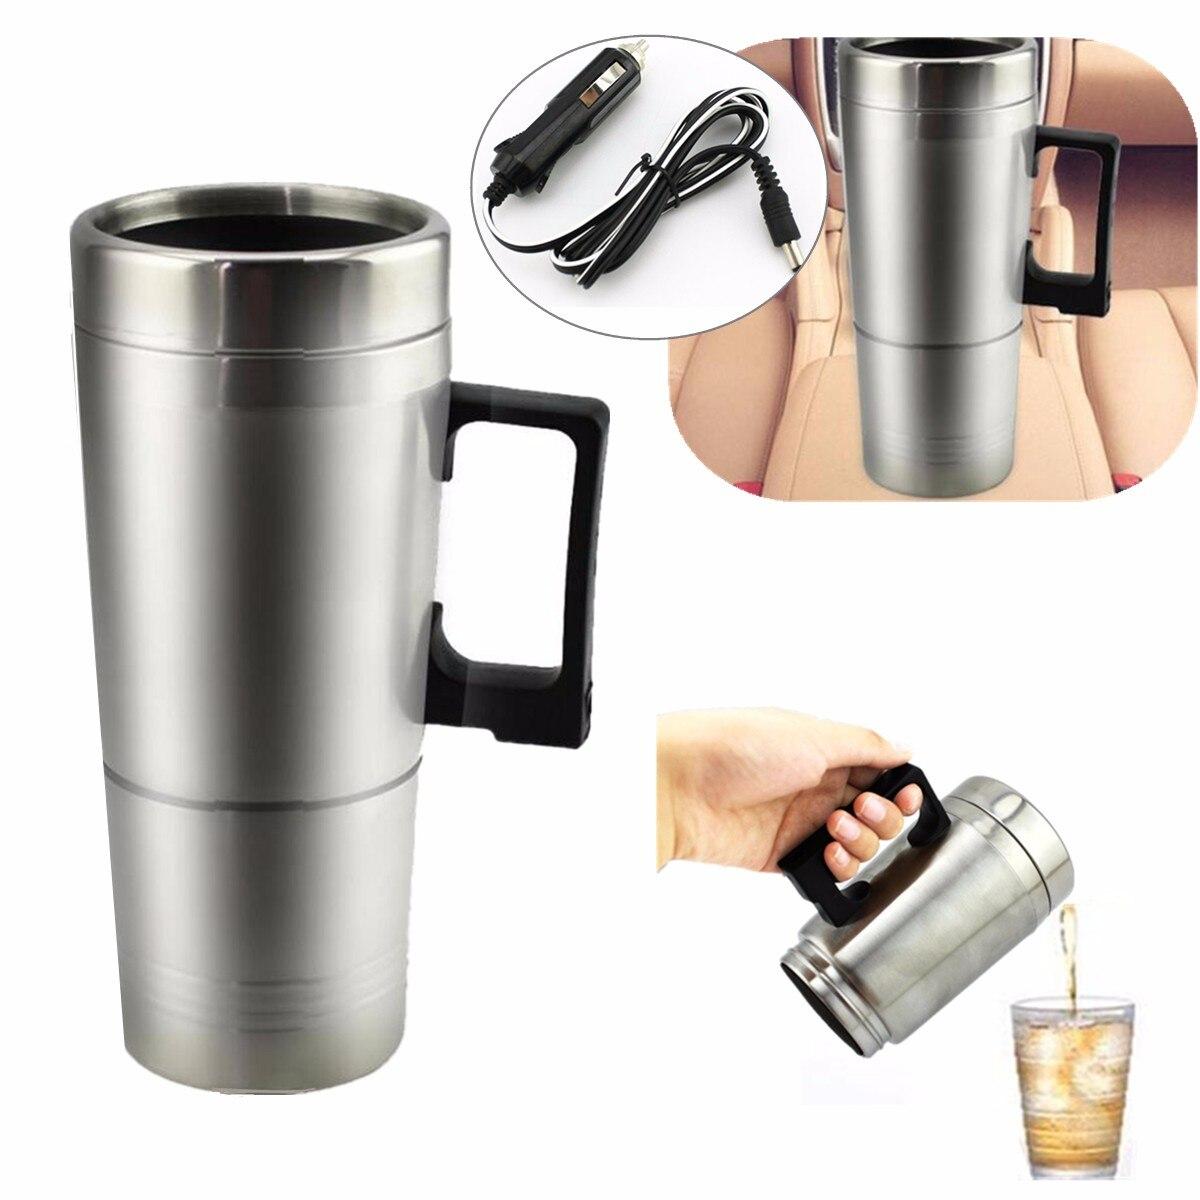 Coche sopa de agua té café botella de bebé de caldera de calentador de coche taza de té olla portátil Auto nuevo dispositivo eléctrico 12 V 300 ML *